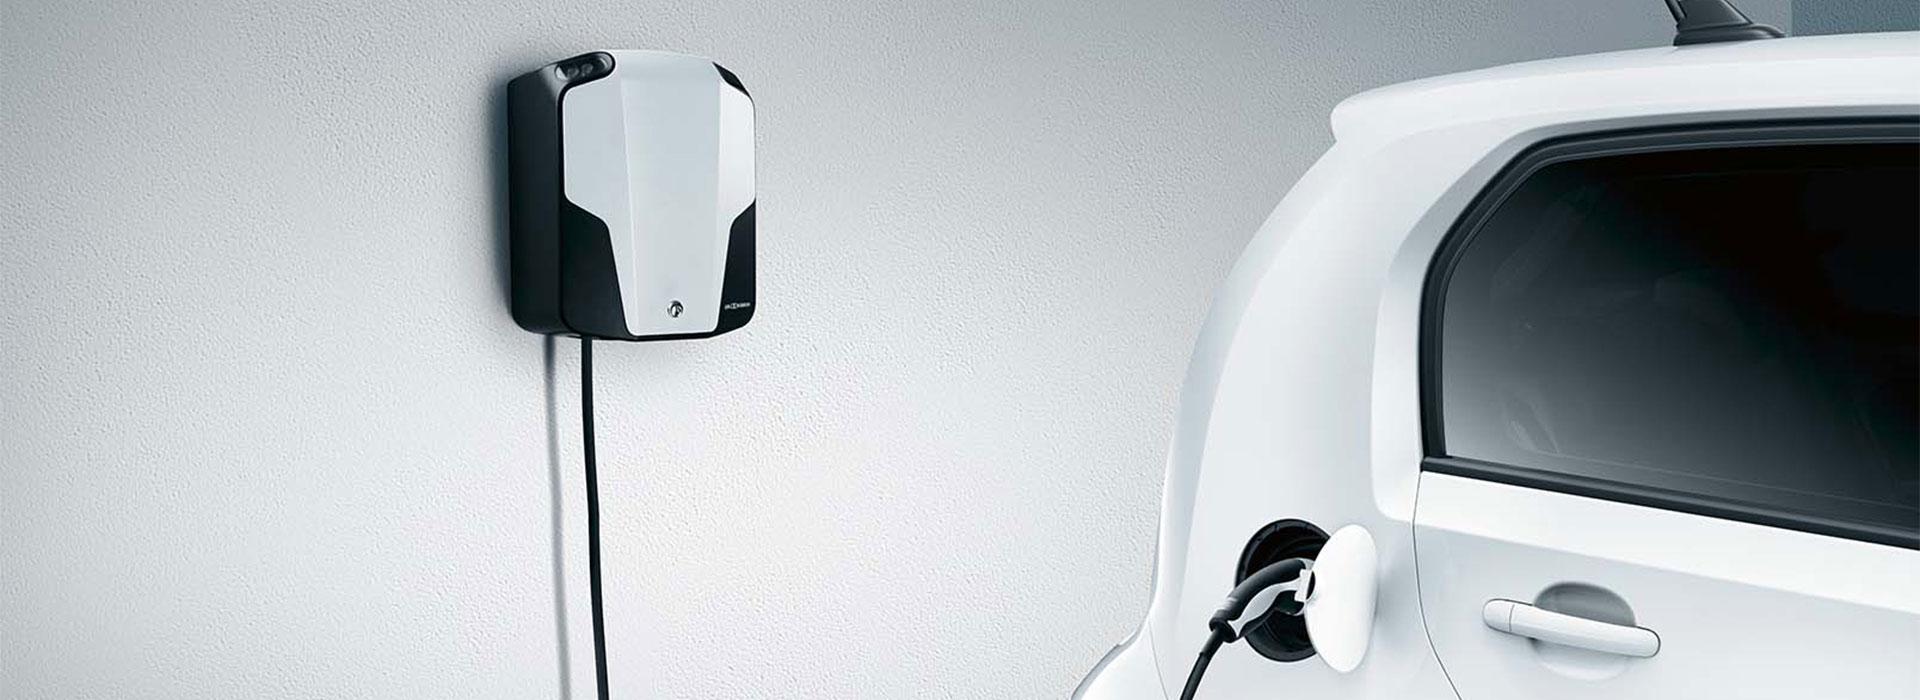 Laddbox till en Volkswagen e-up!